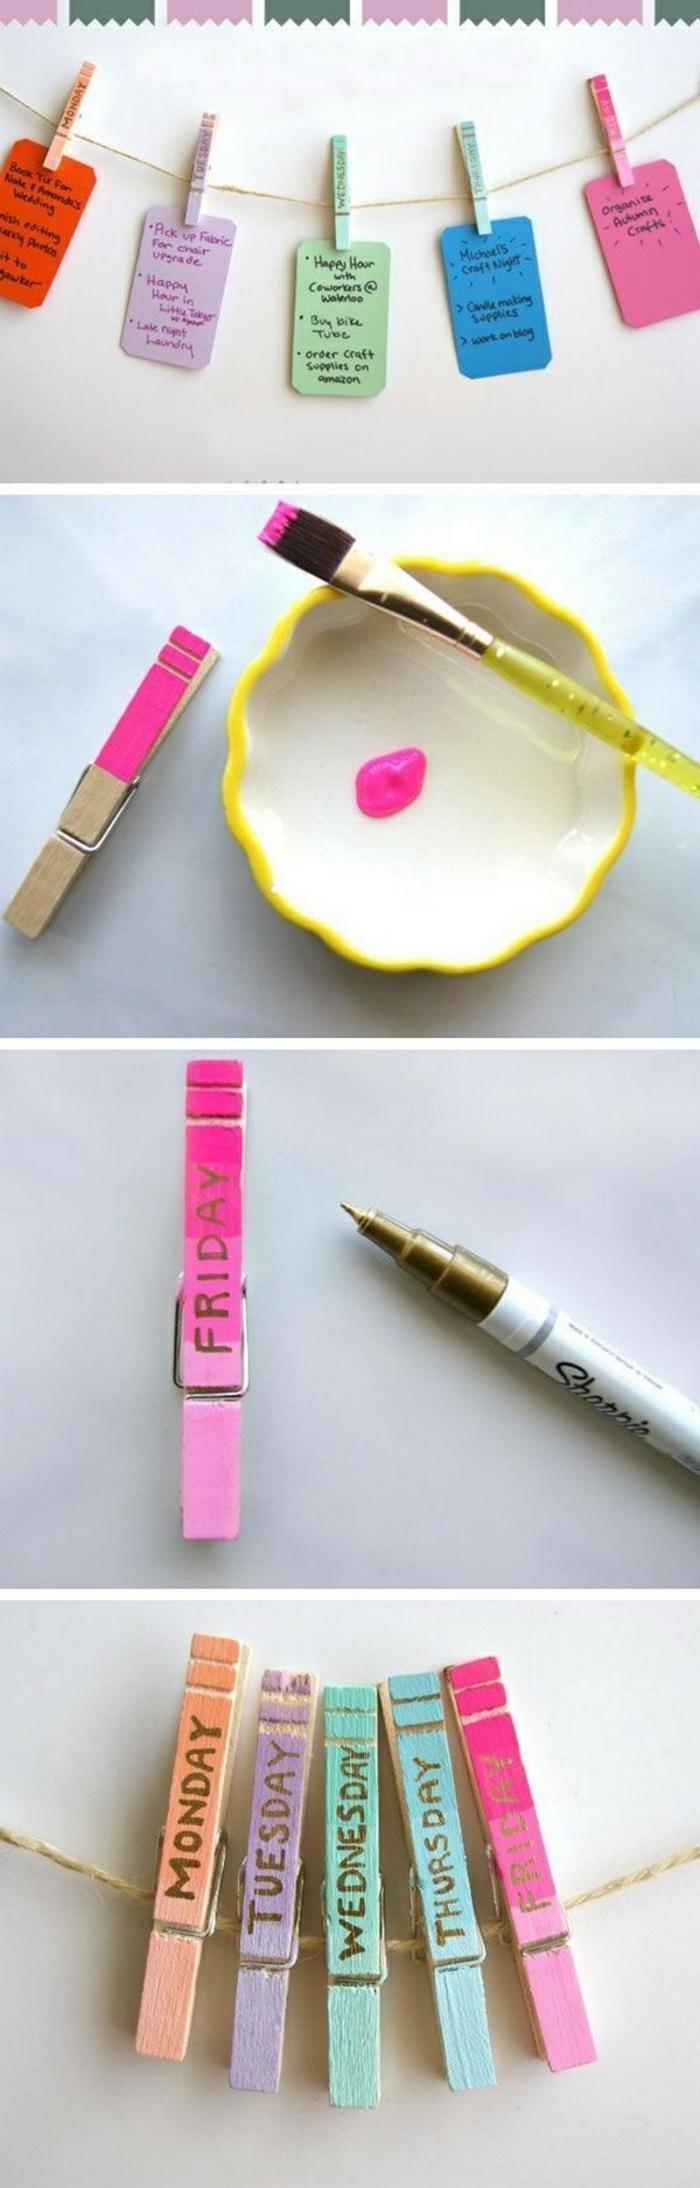 manualidades sencillas, instrucciones para hacer calendario con papel y pinzas